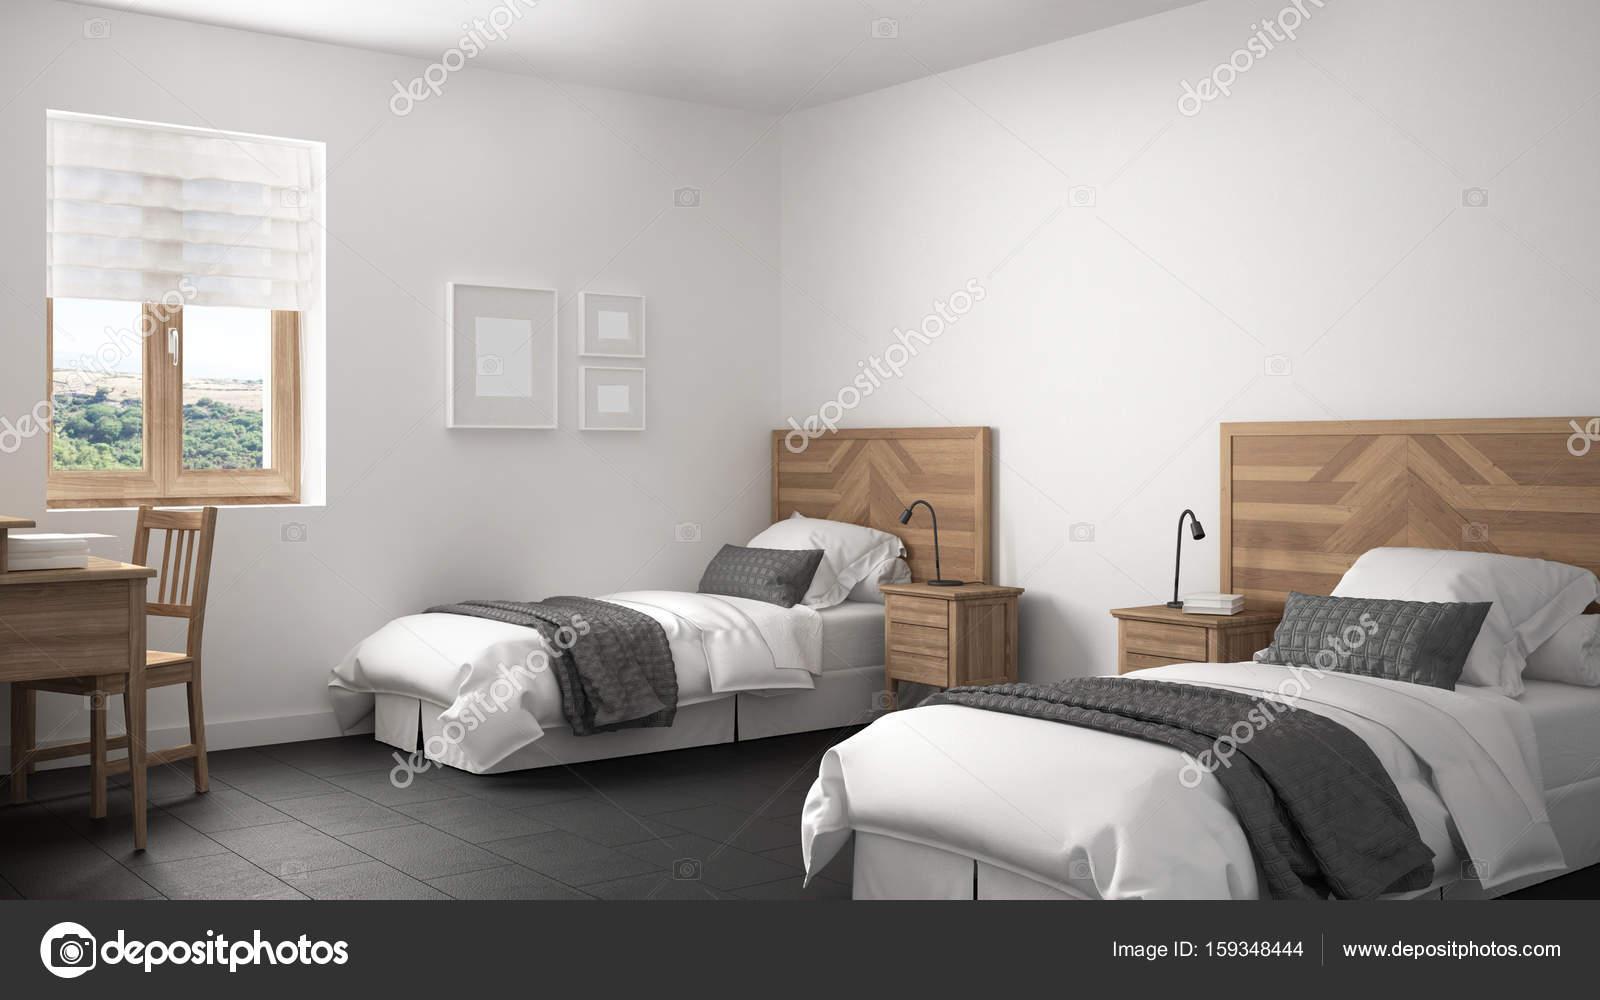 Scandinave Vintage Chambre Avec Deux Lits, Vieux Style Interior Design U2014  Image De ...